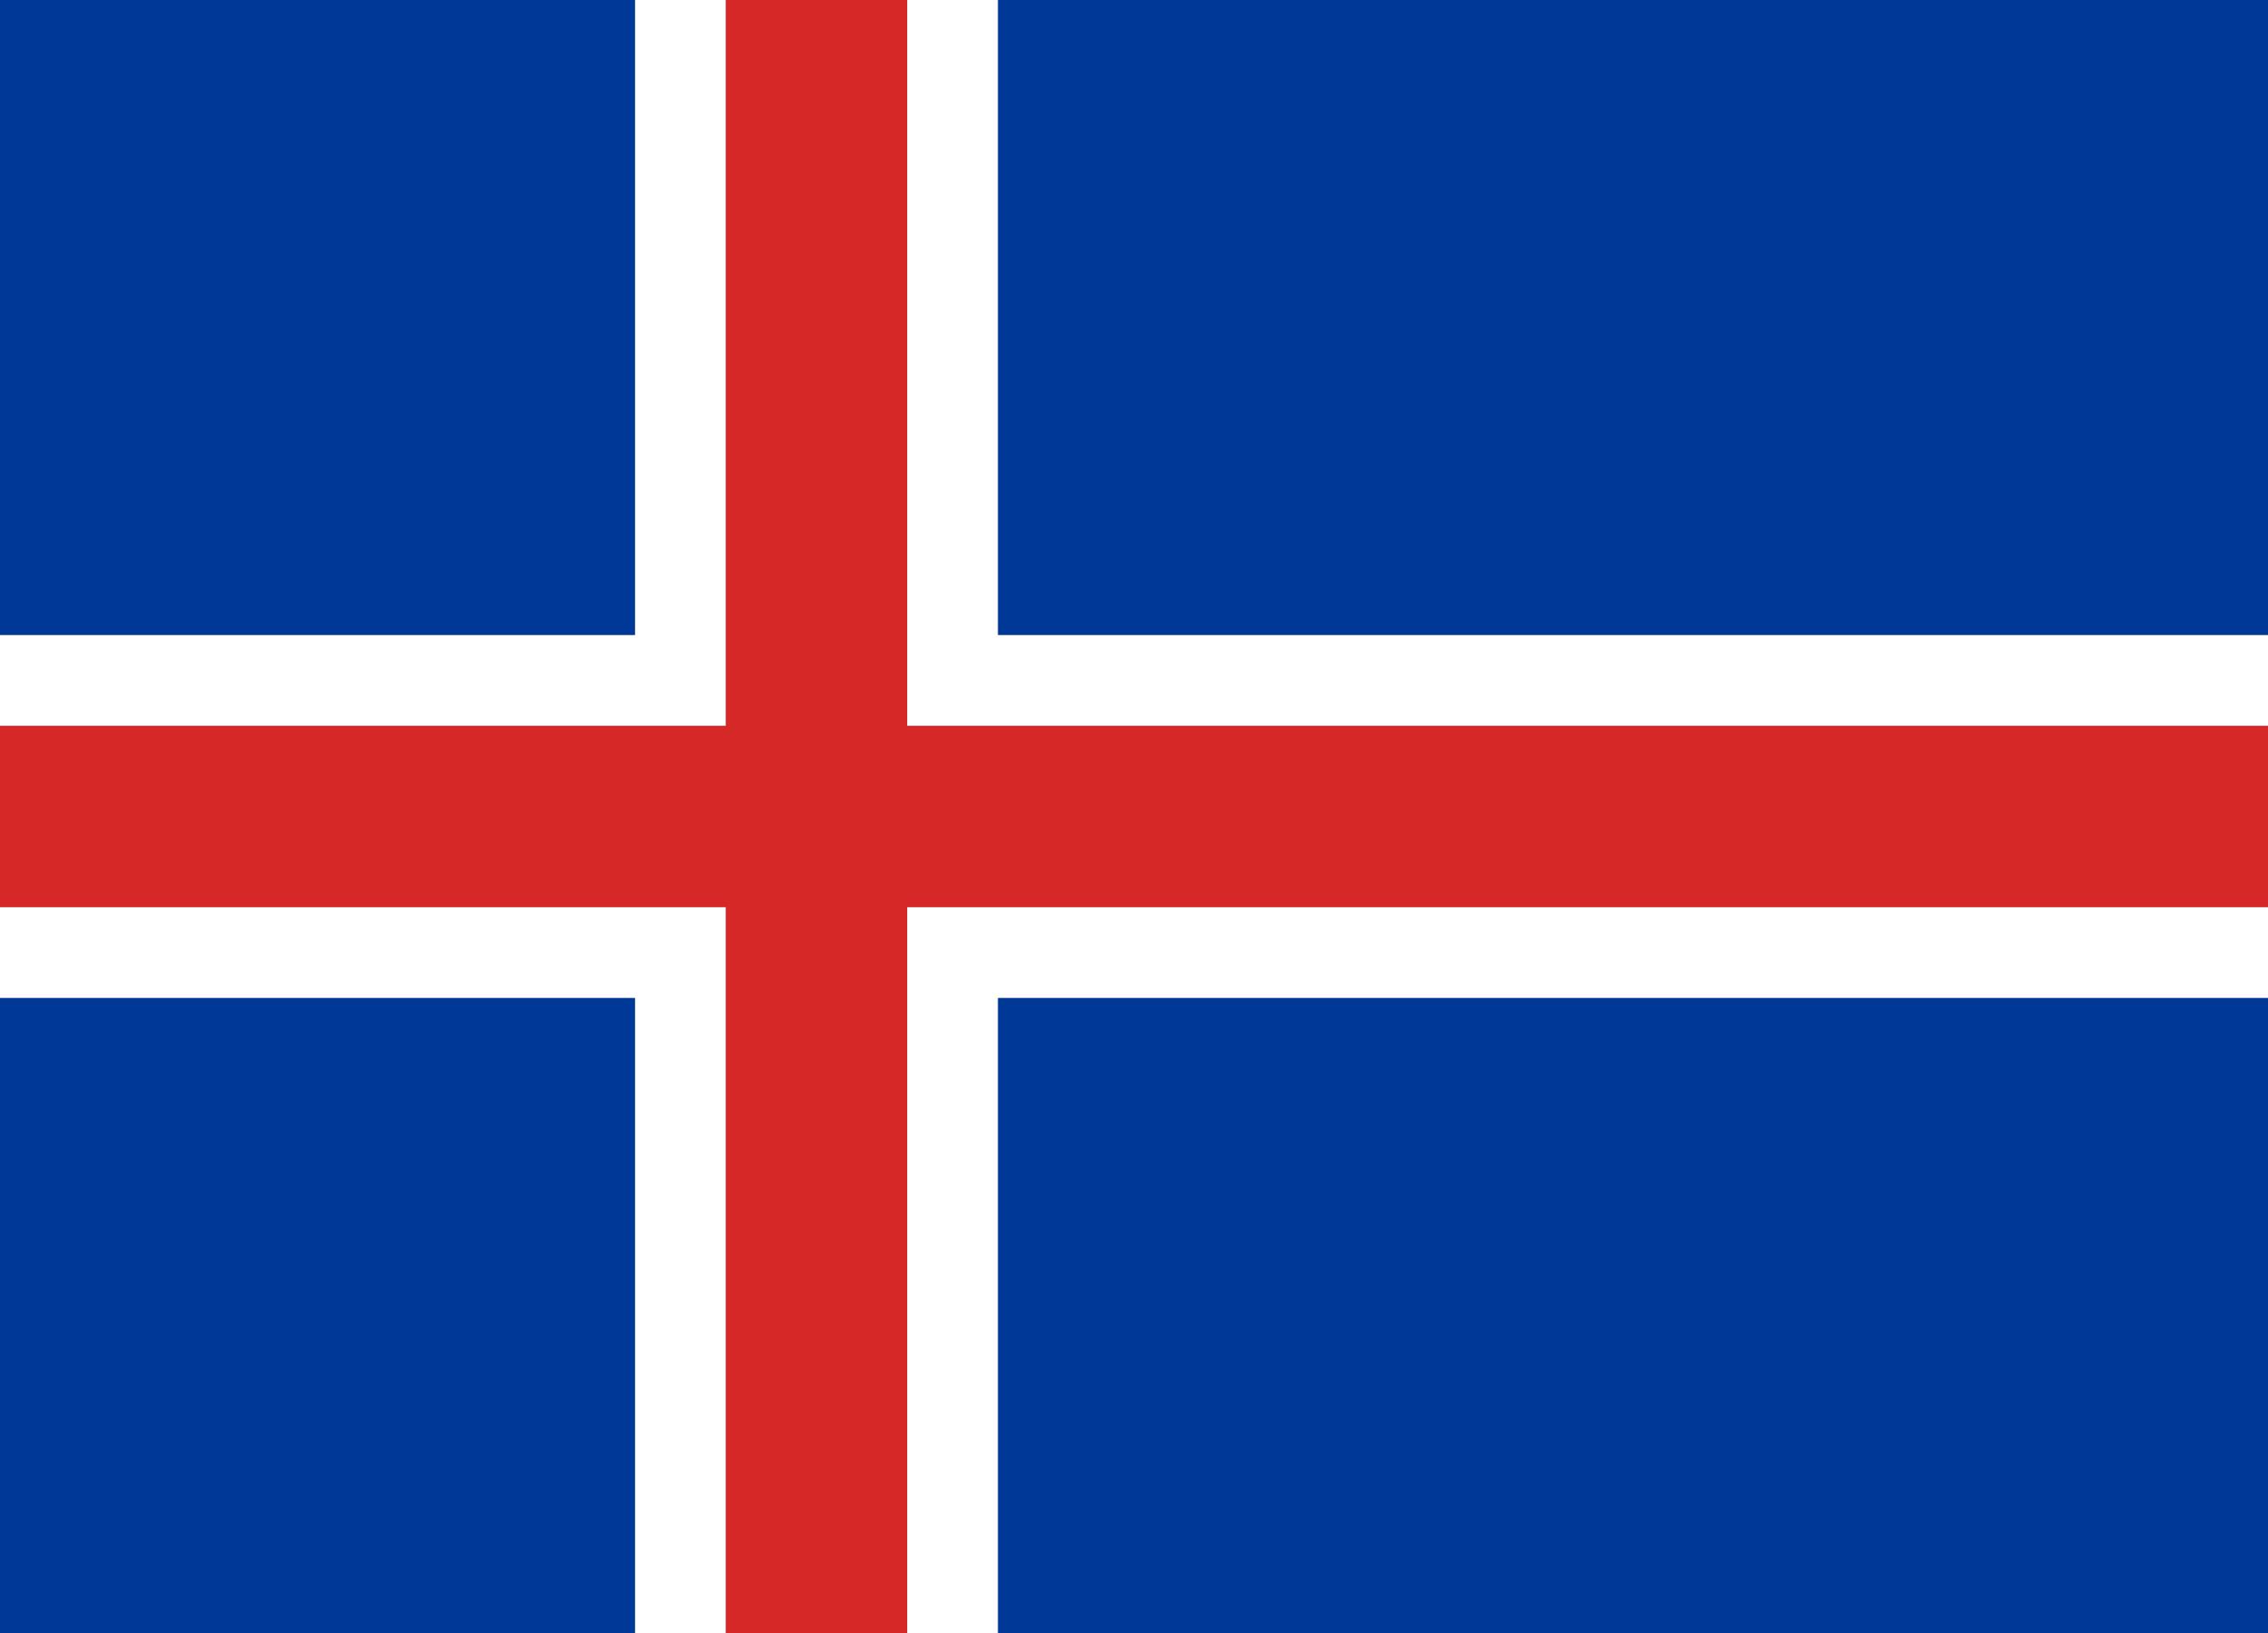 Islande, pays, emblème, logo, symbole - Fonds d'écran HD - Professor-falken.com